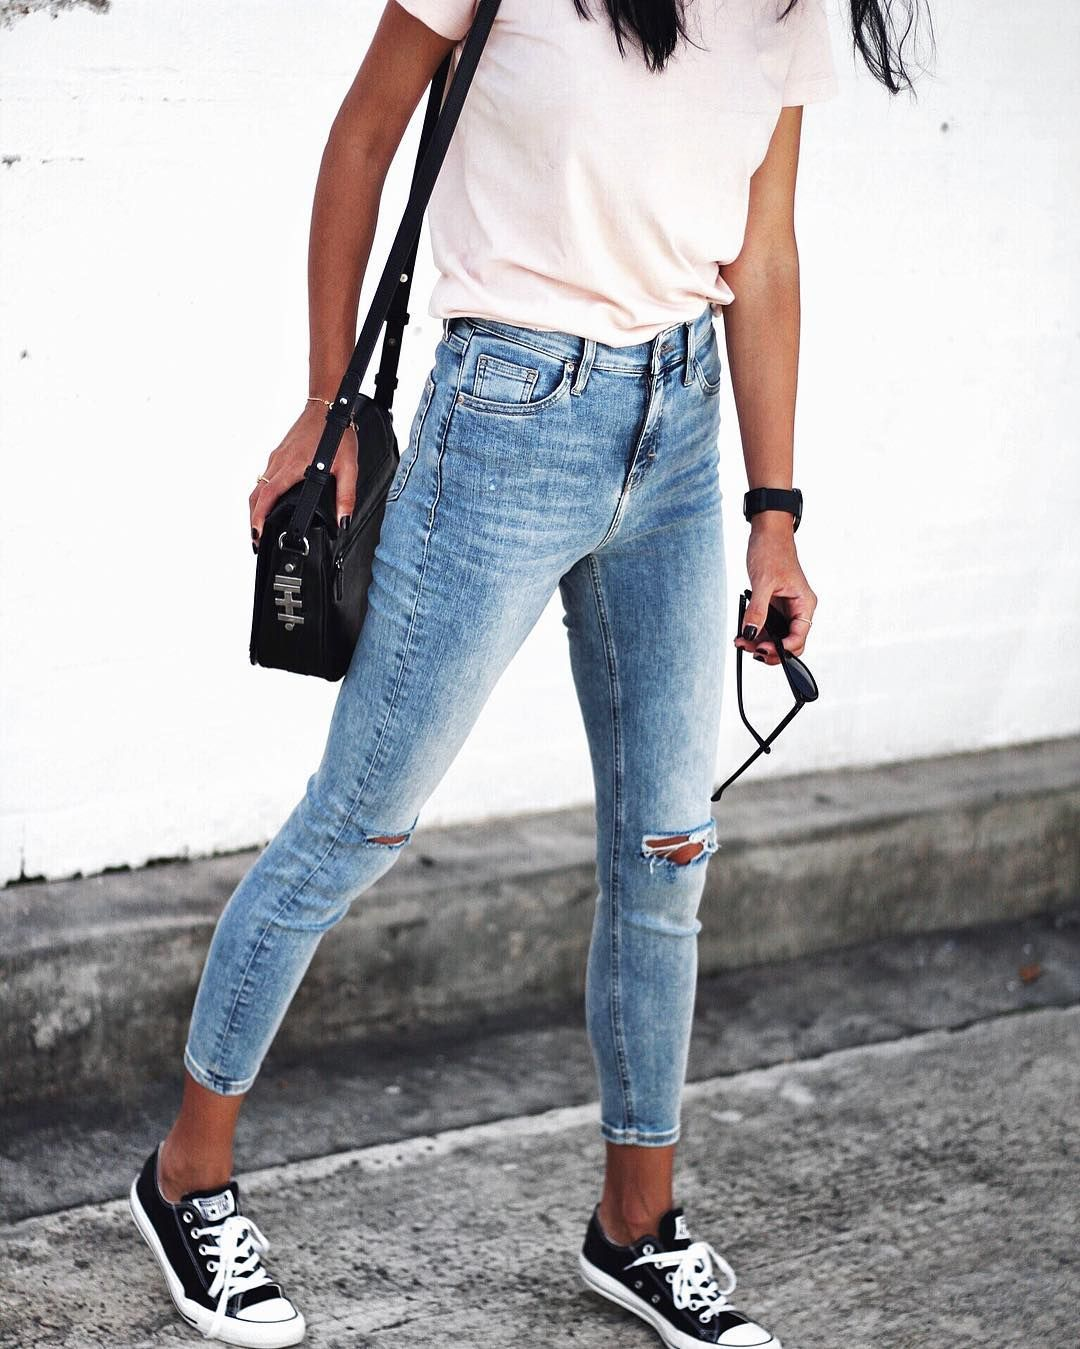 5a738ca026e Cute cute Blue Converse Outfit